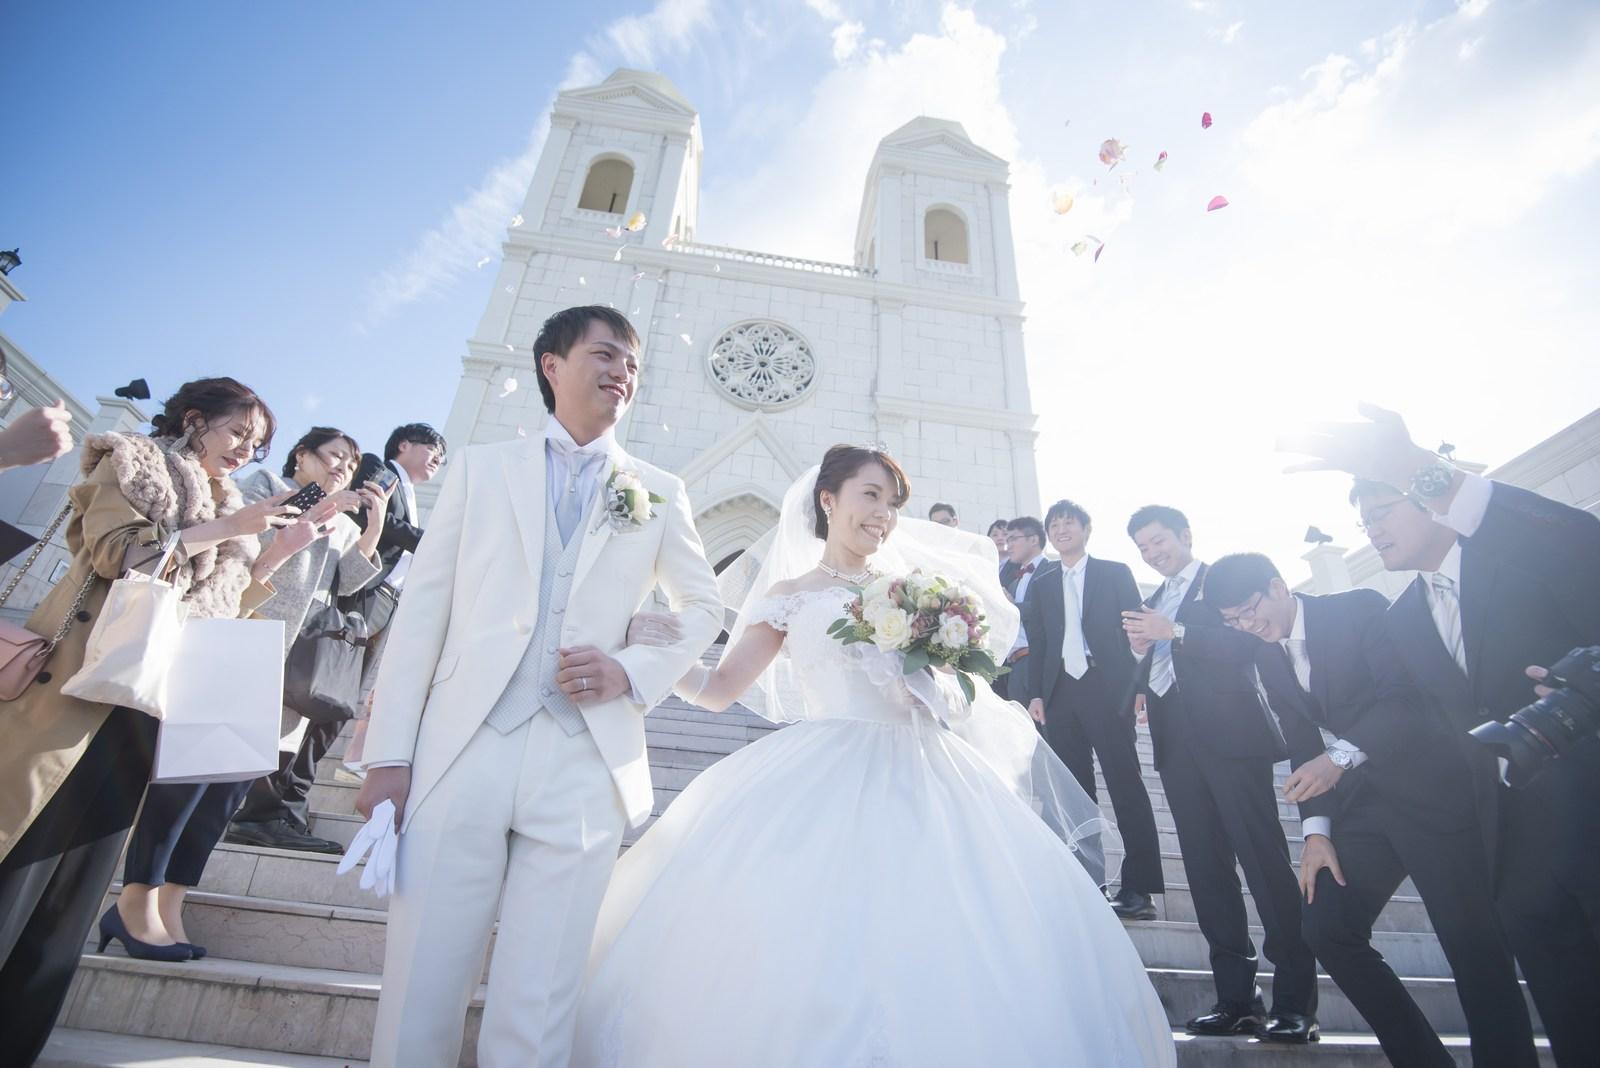 香川県の結婚式場シェルエメール&アイスタイル 大階段